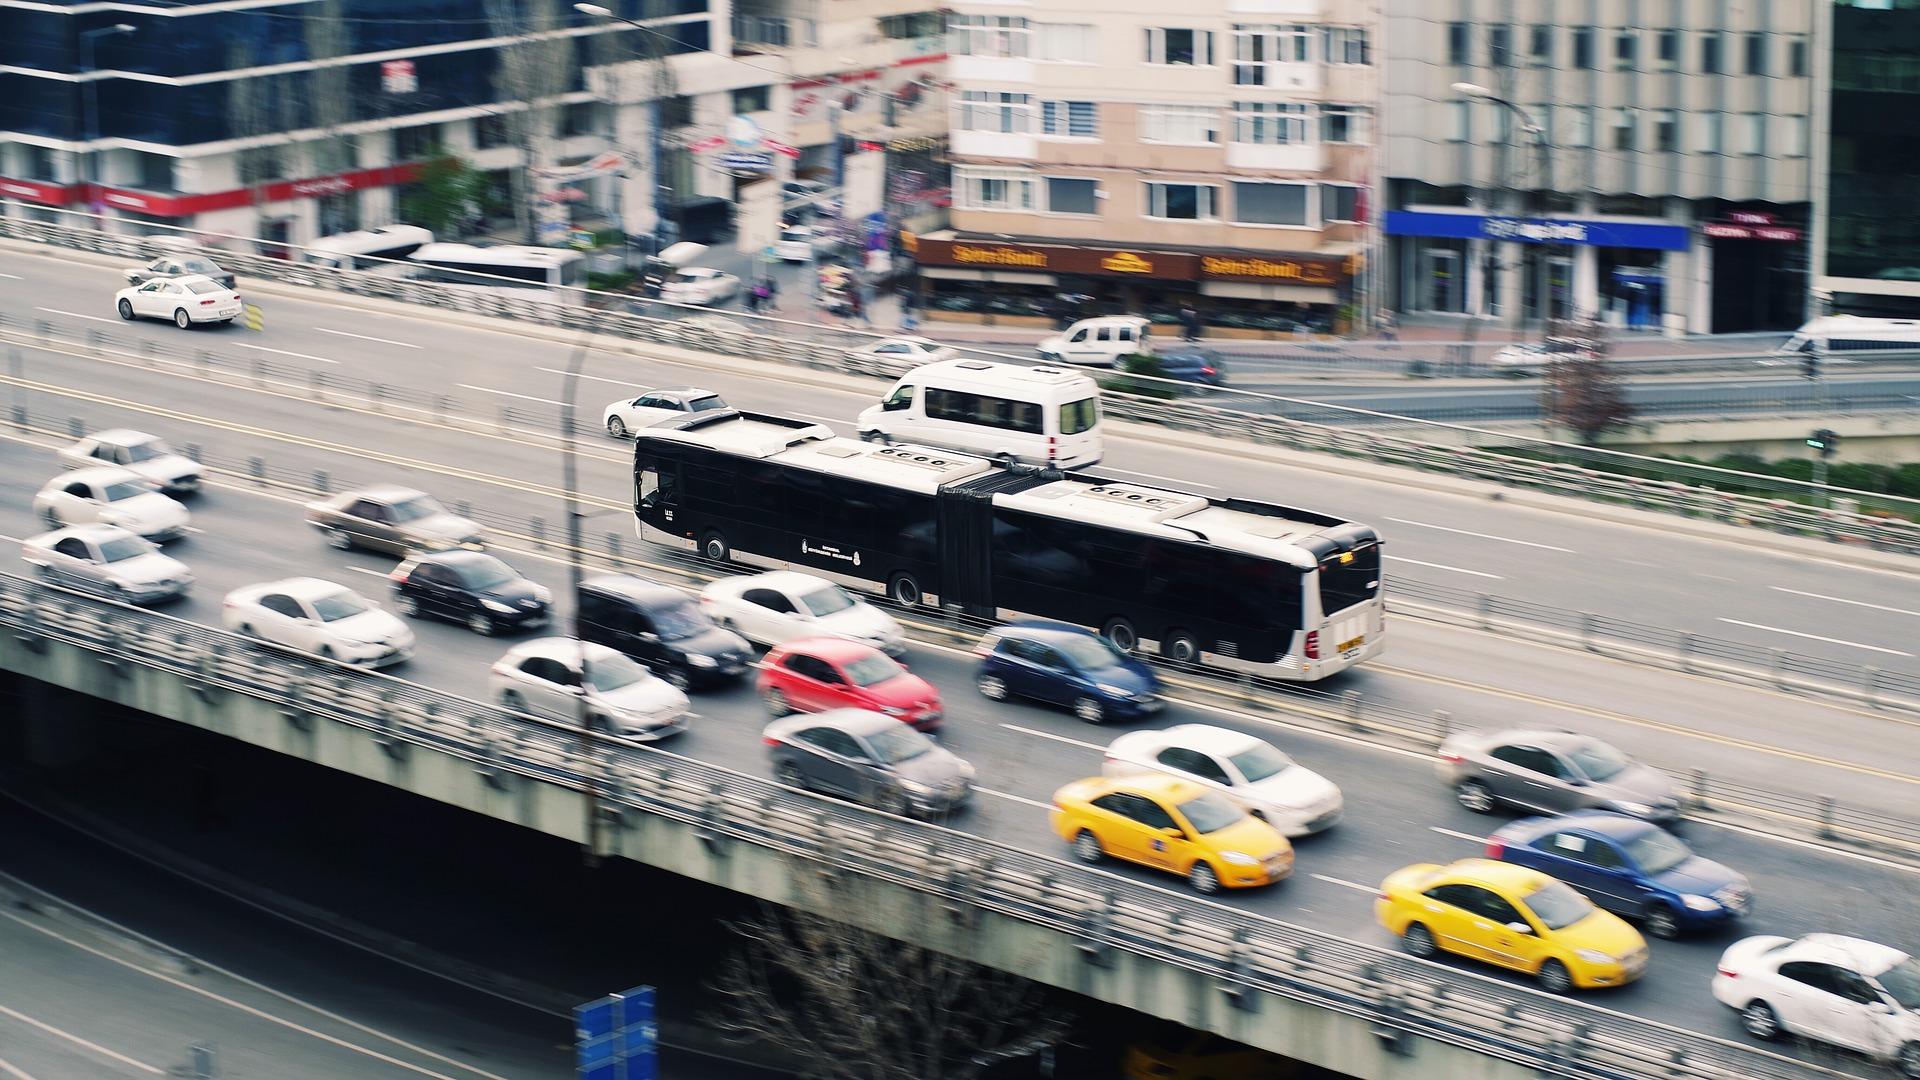 imagen de La tecnología desarrollada se dirige, principalmente, a fabricantes de vehículos de gran tamaño para el transporte de viajeros y mercancías. / Pixabay